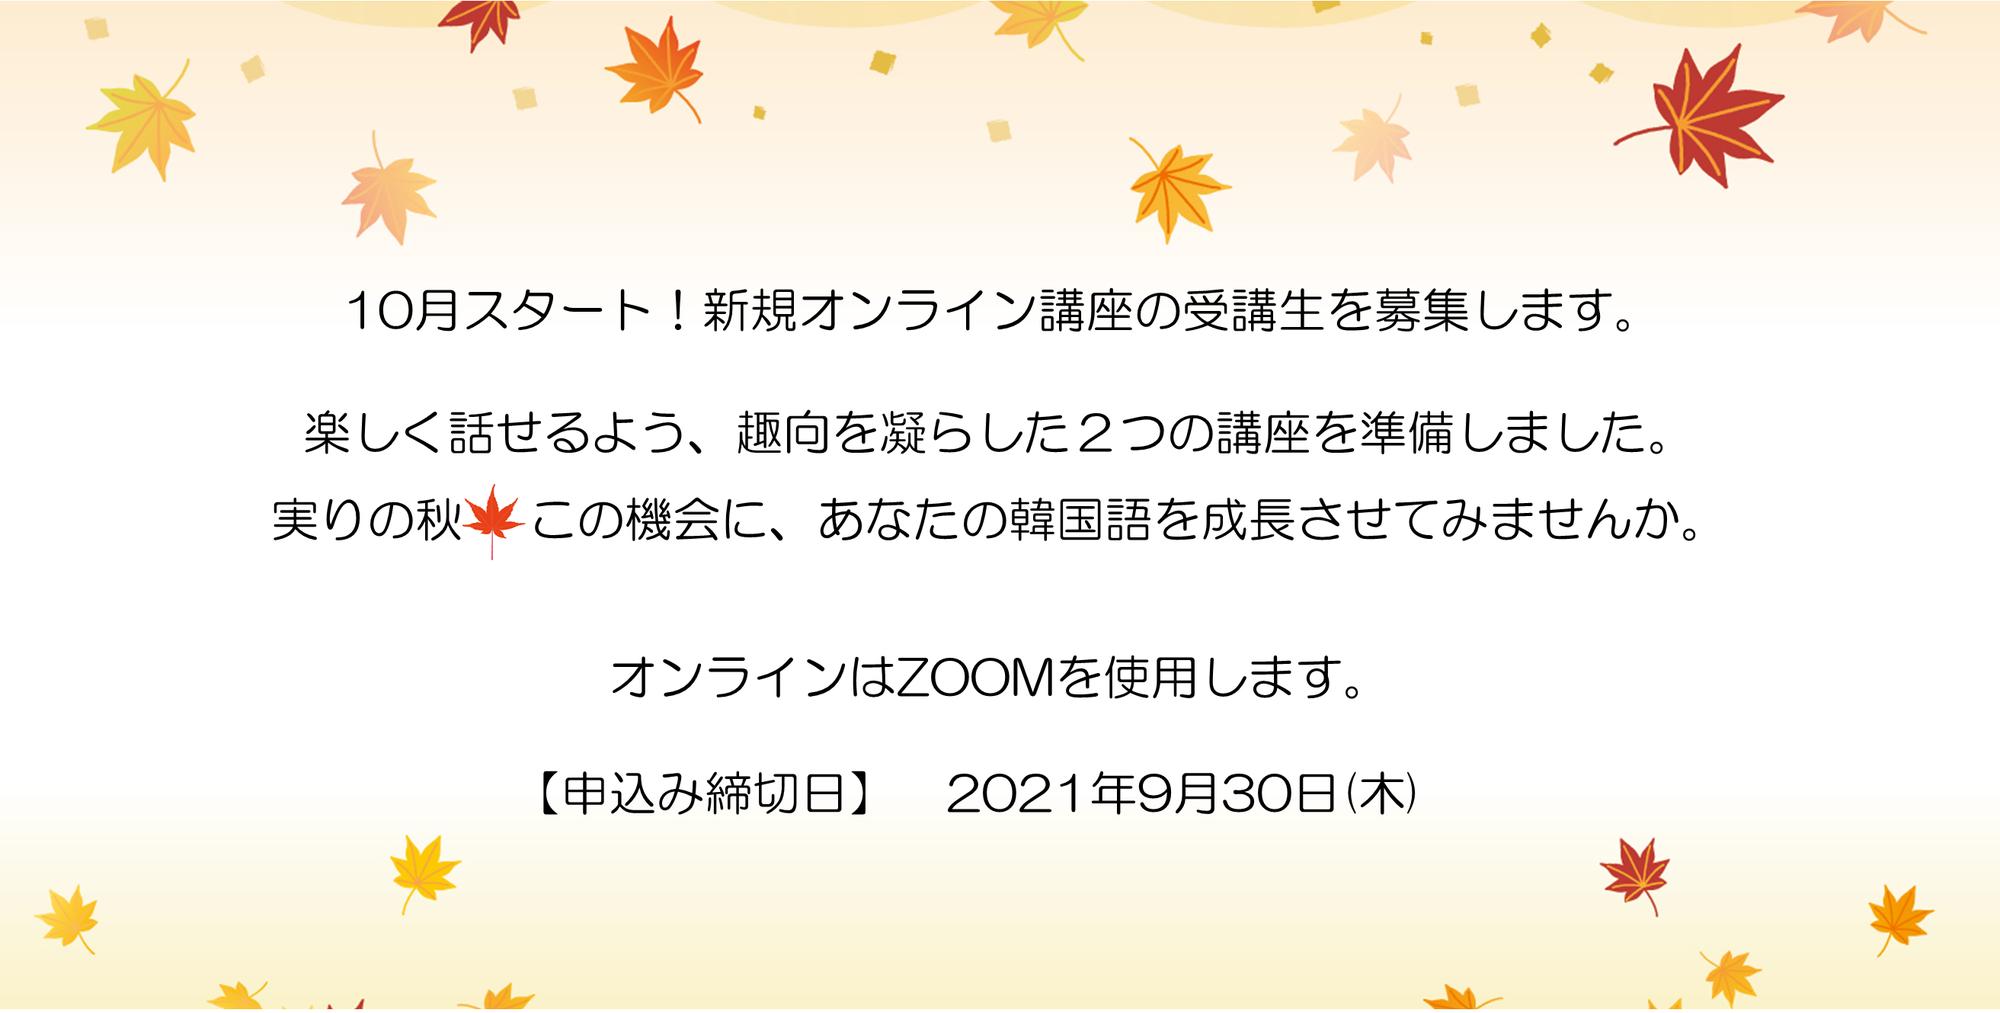 10月スタート!新規オンライン講座の受講生募集!